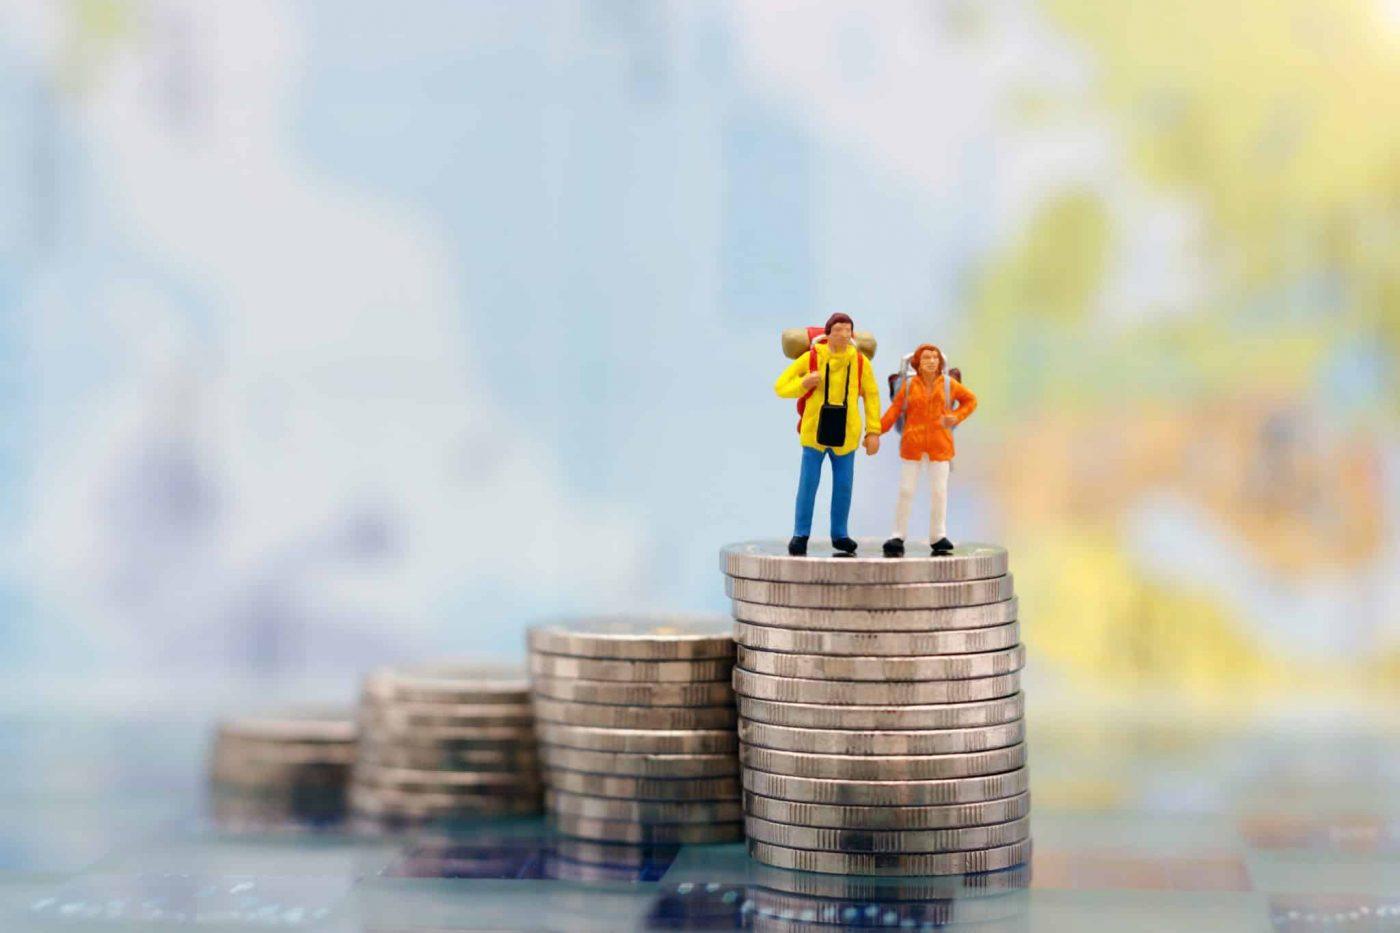 האם יש סיבה לחשוש אם שני בני הזוג באותו מסלול השקעה בקרן פנסיה ?